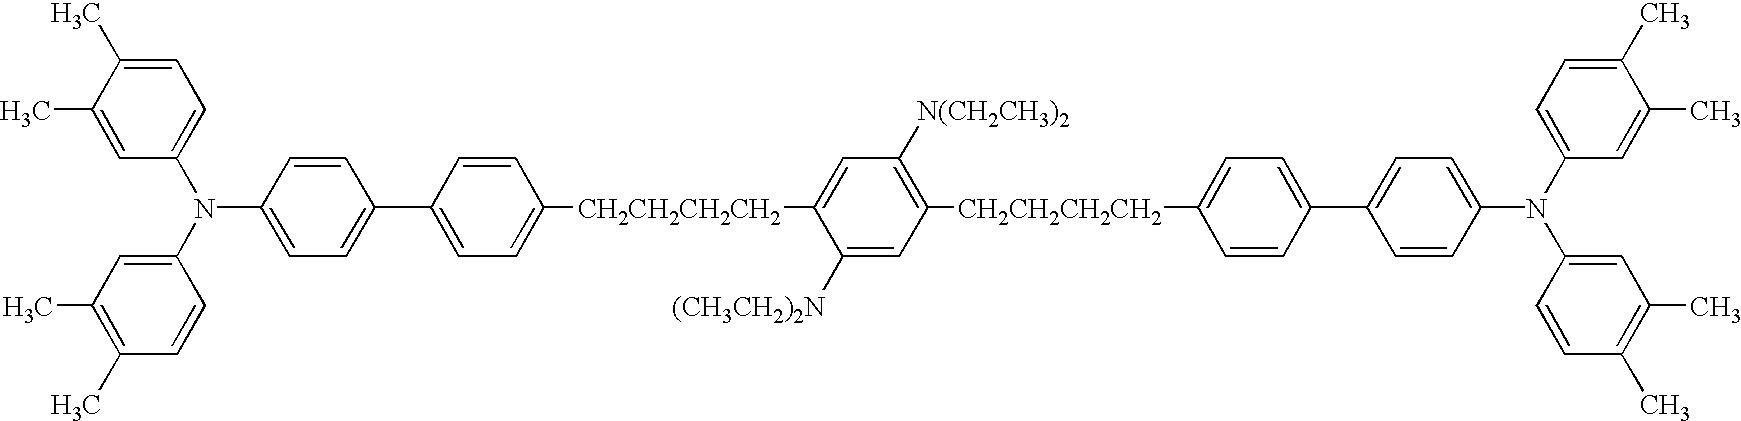 Figure US20030194627A1-20031016-C00131